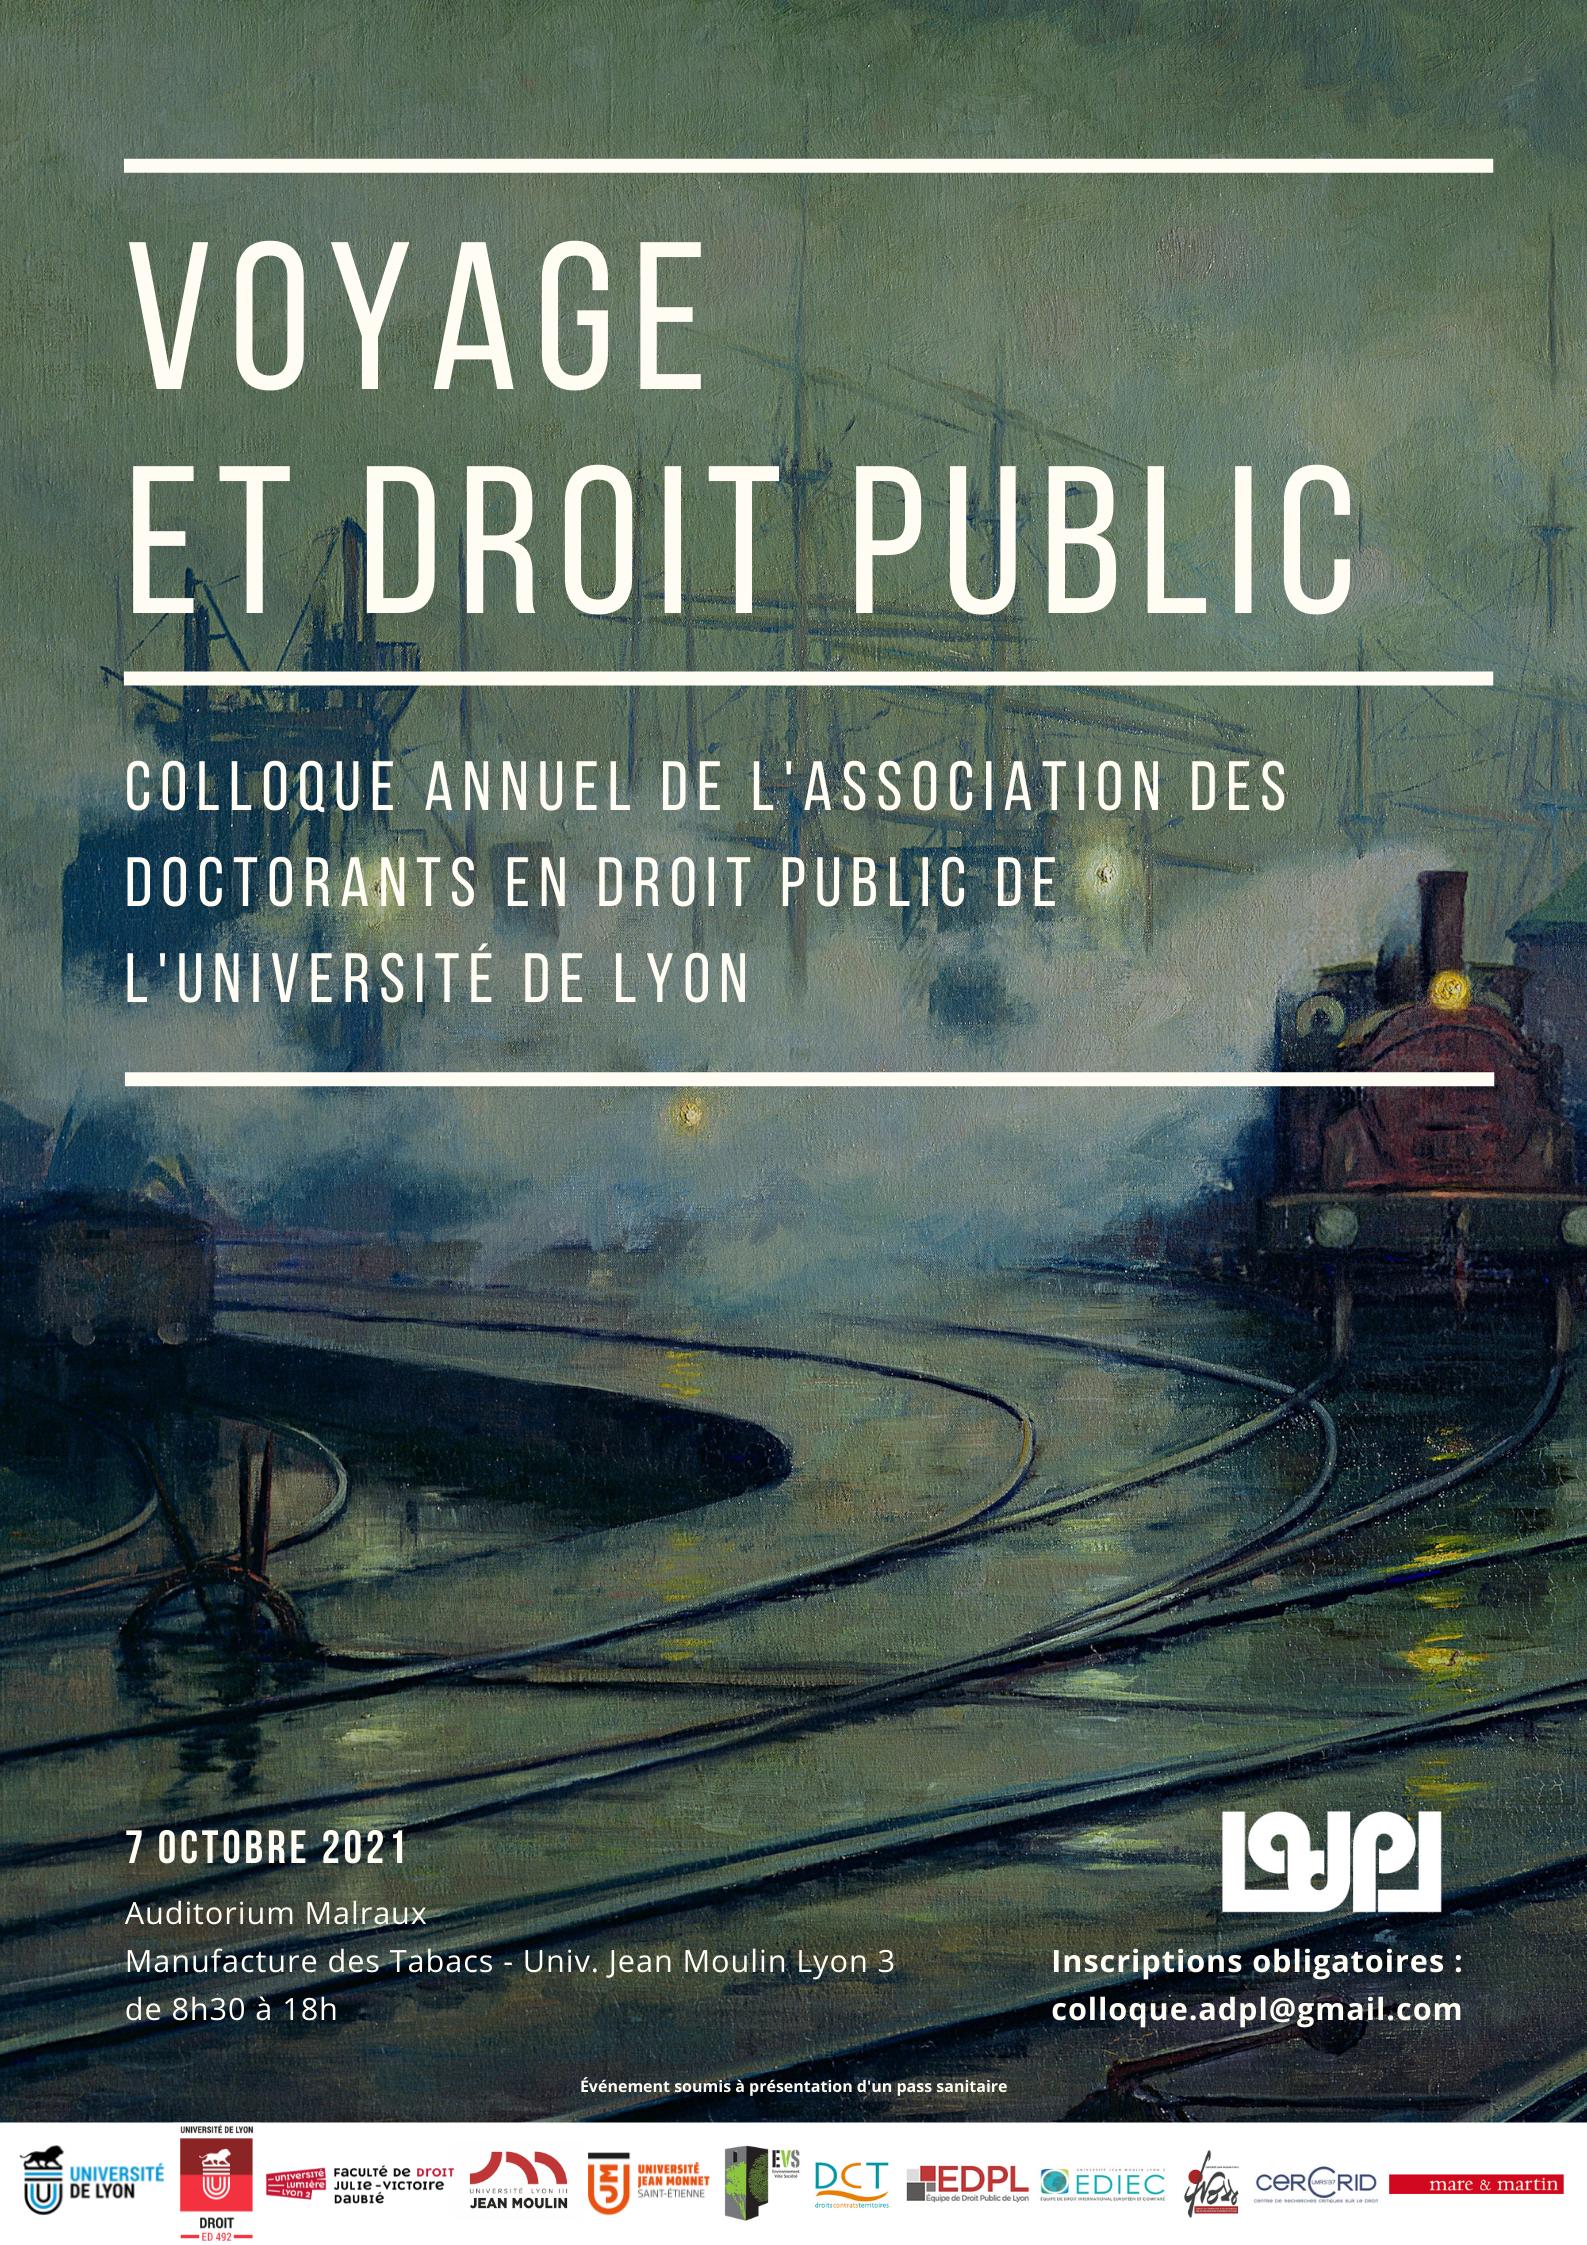 ADPL - Voyage et droit public